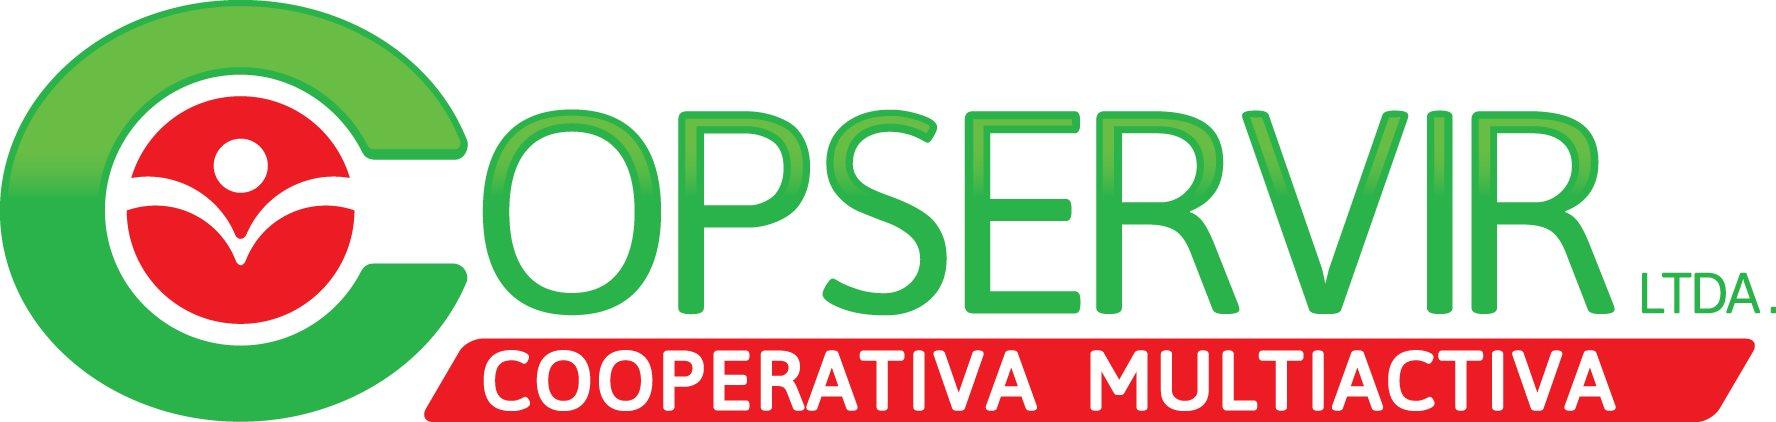 COOPERATIVA MULTIACTIVA DE SERVICIOS SOLIDARIOS COPSERVIR LTDA.